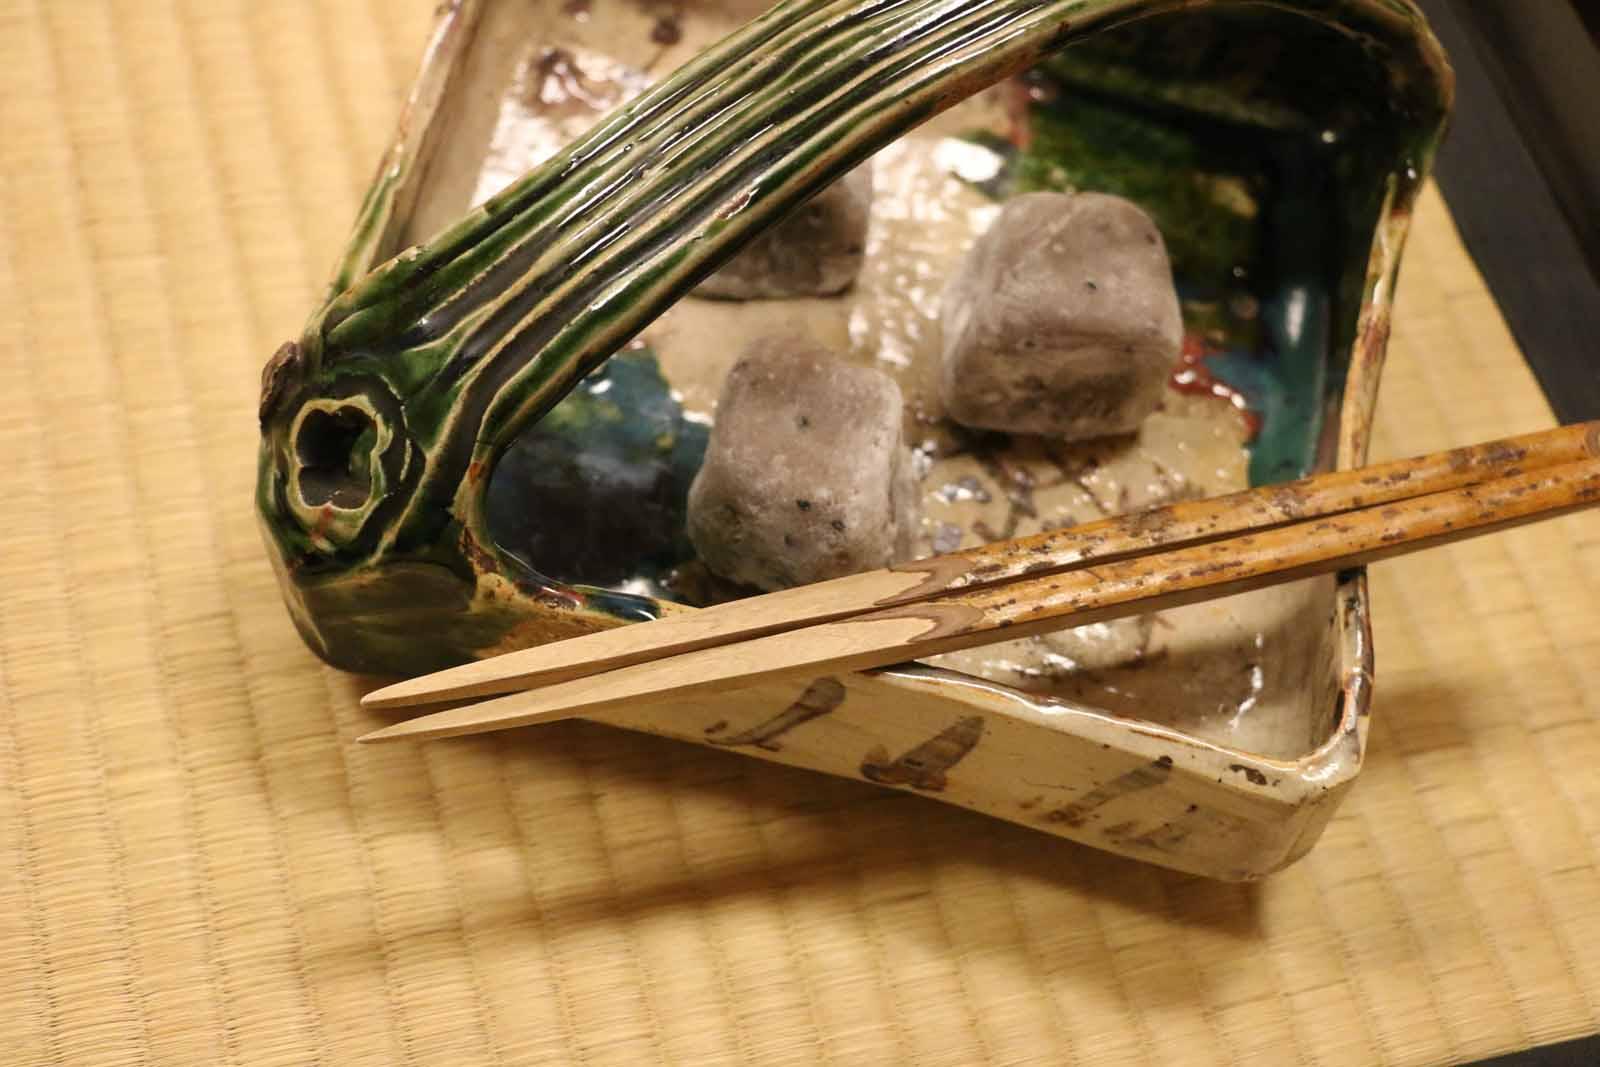 織部の器に入った亥の子餅。炉開には織部・因部(いんべ=備前焼)・瓢(ふくべ=ひょうたん)の「三部(さんべ)」を取り合わせるそう。